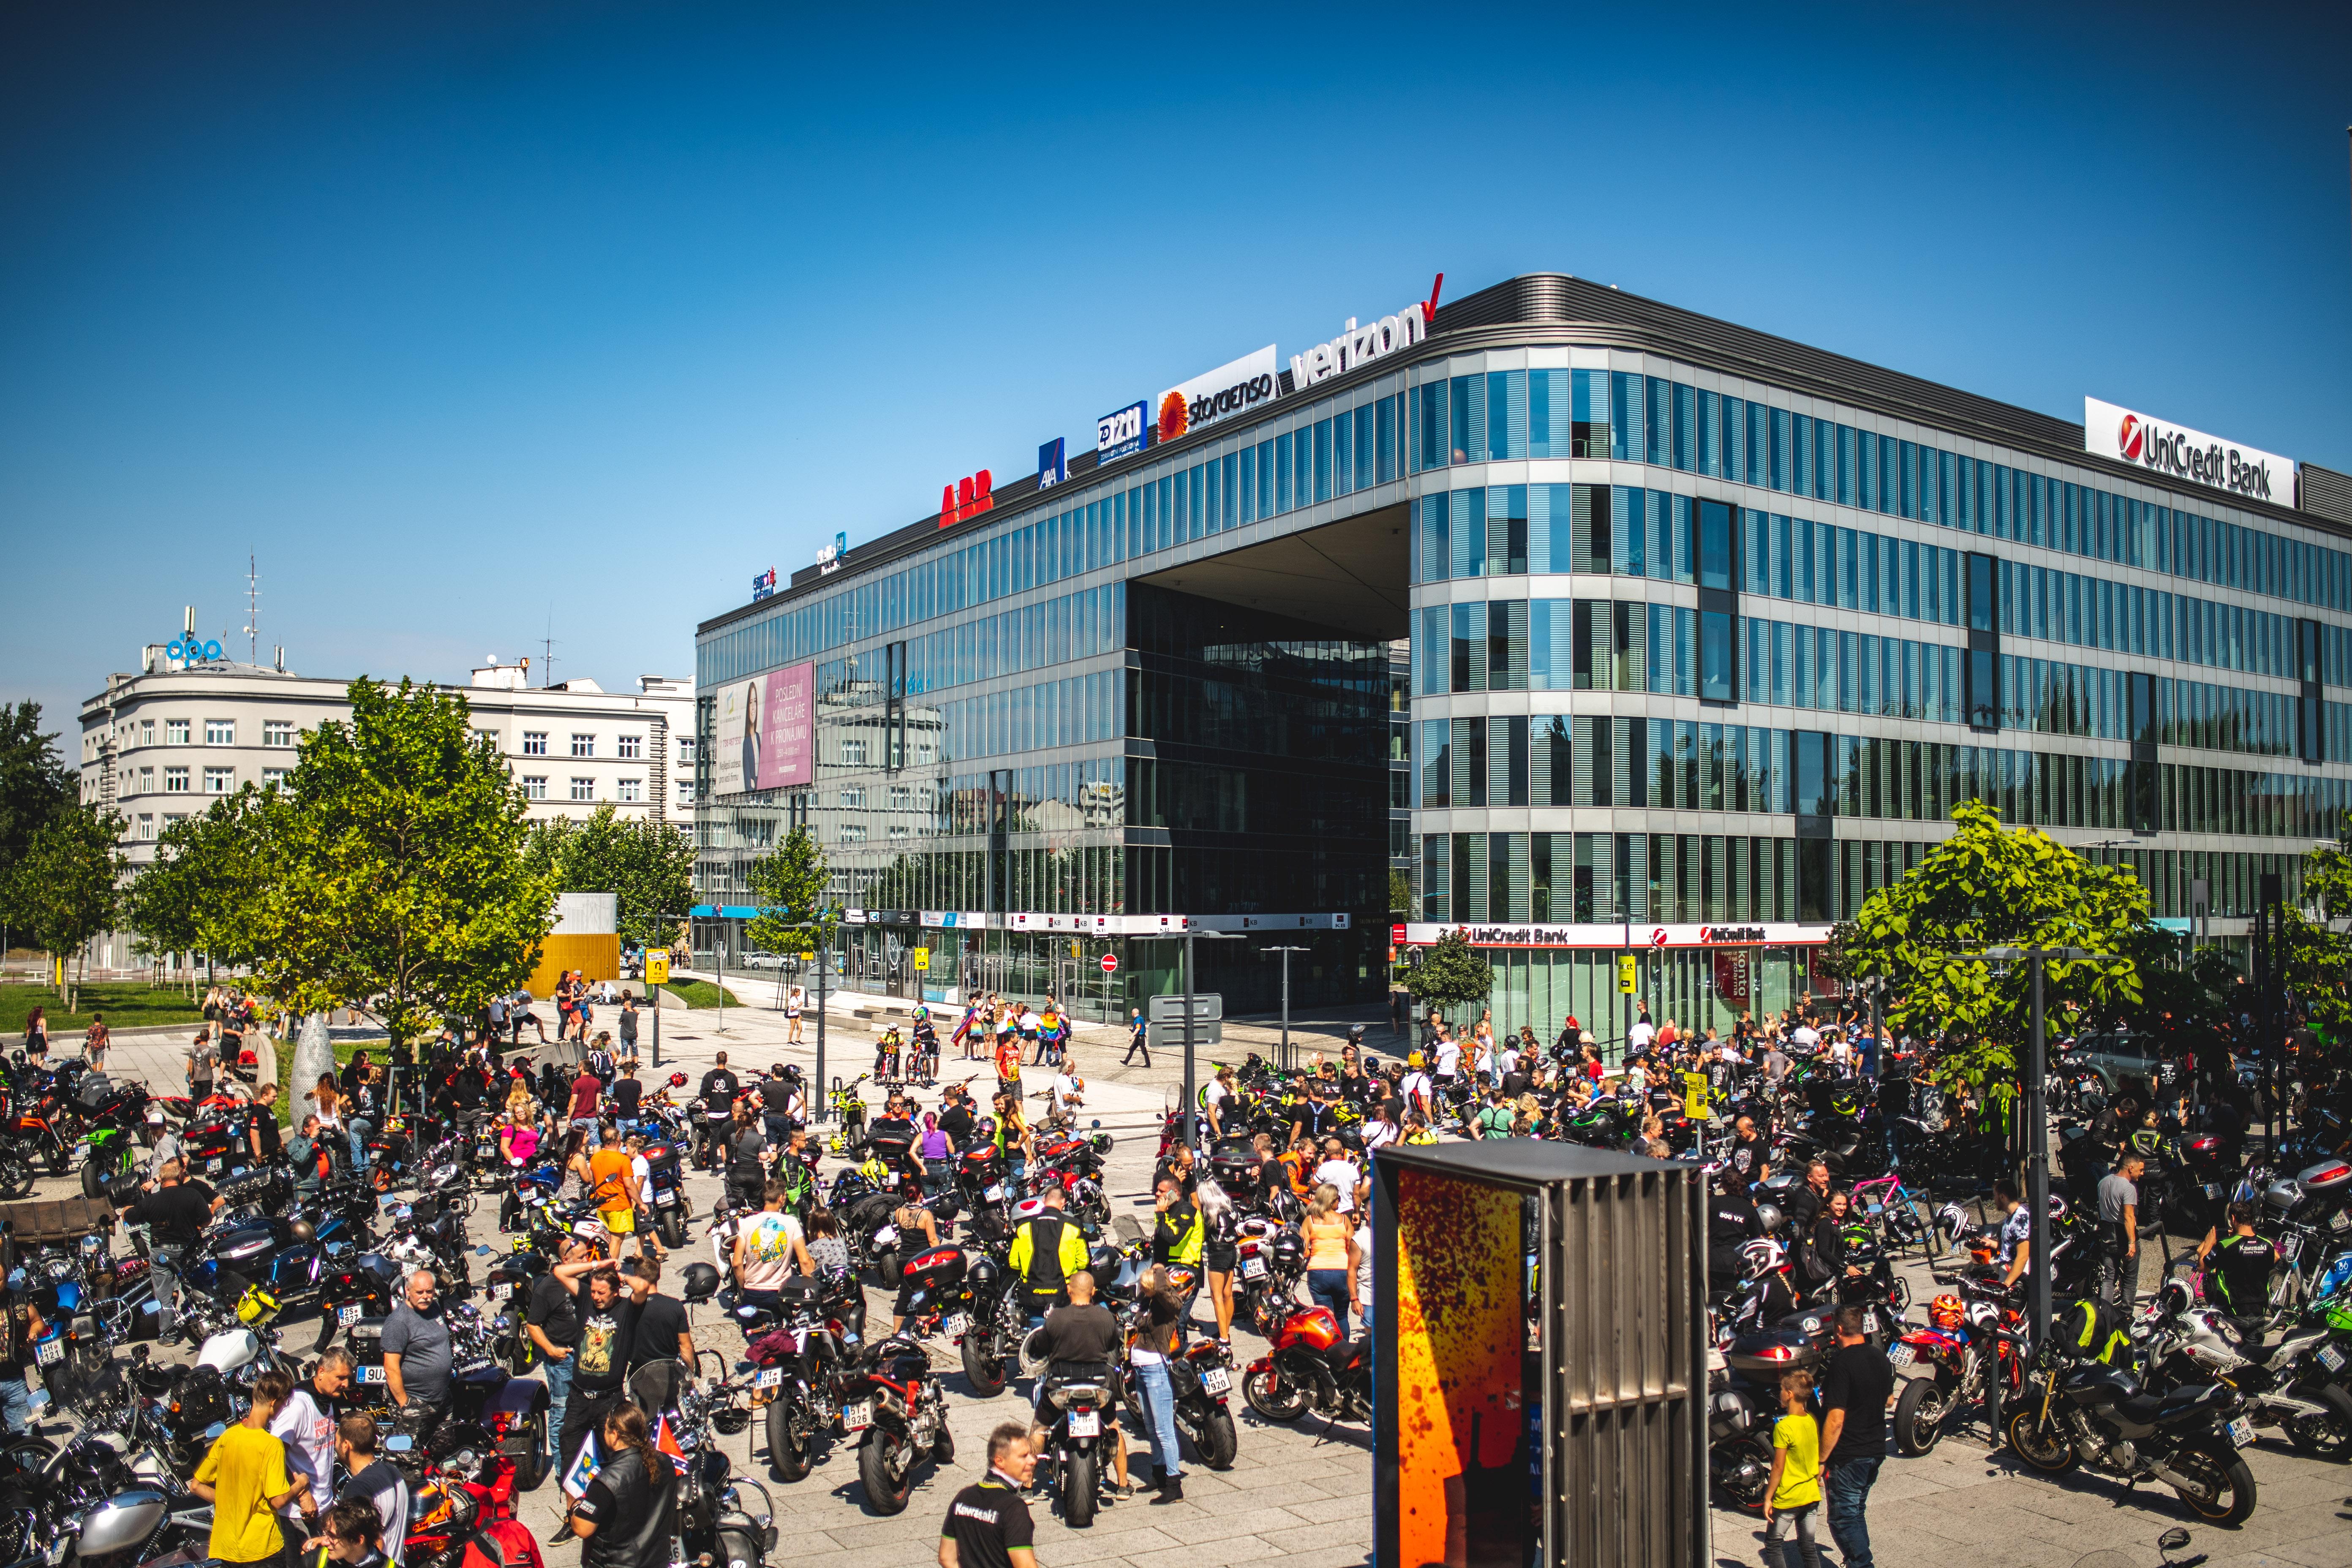 <p>Czech Stunt Days 2021 Fanoušci, přátelé, motorkáři. Jistě jste si všimli, že Czech Stunt Days 2021 přesouváme na dvoudenní událost. Účast jezdců je letos o něco menší, proto jsme se rozhodli akci přesunout na dvoudenní termín. Ti z Vás, kdo nás sledují již několik let, ví, že historicky se CSD […]</p>